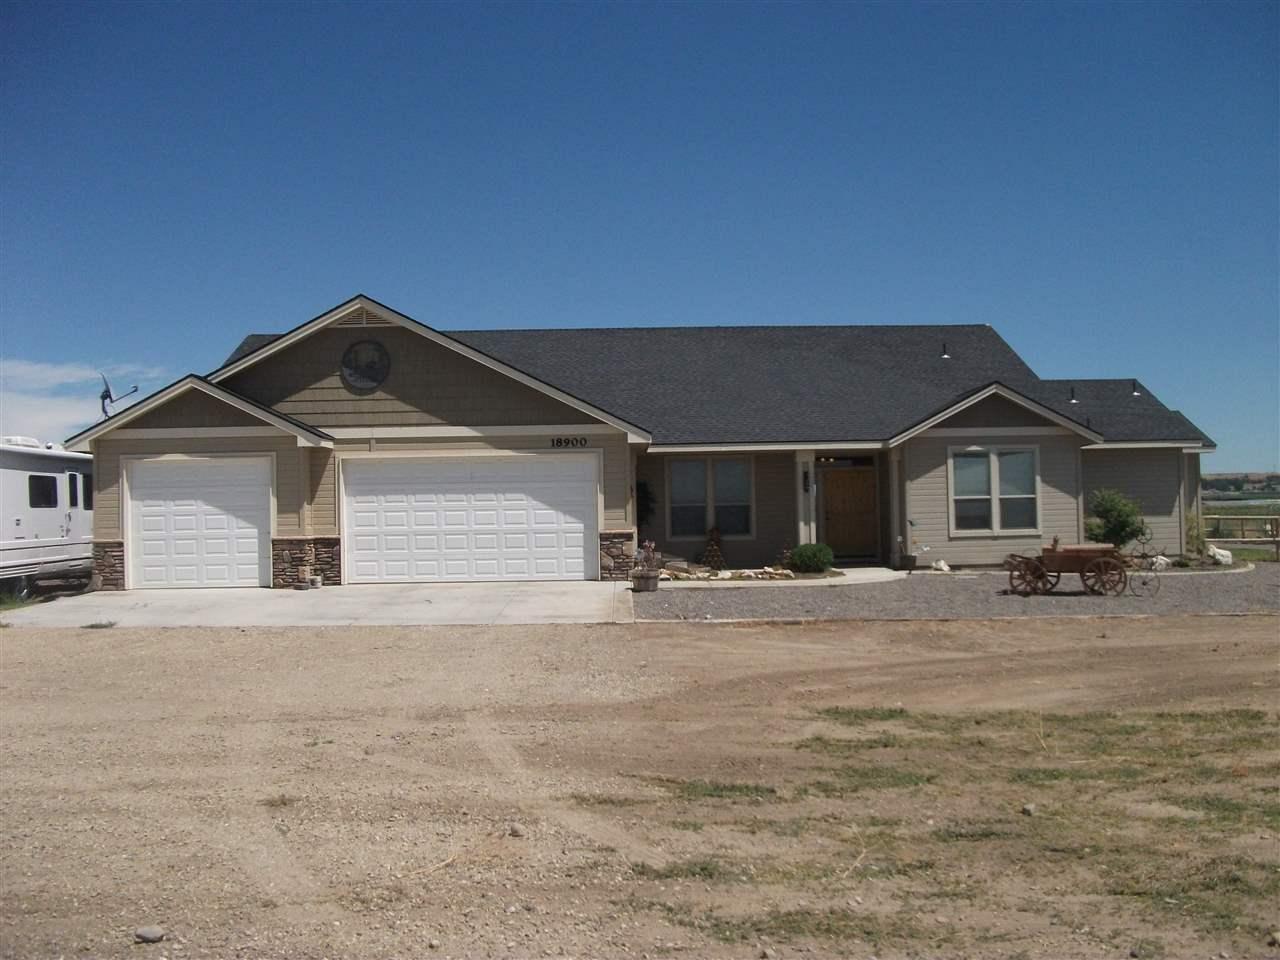 18900 Fargo Rd, Wilder, ID 83676